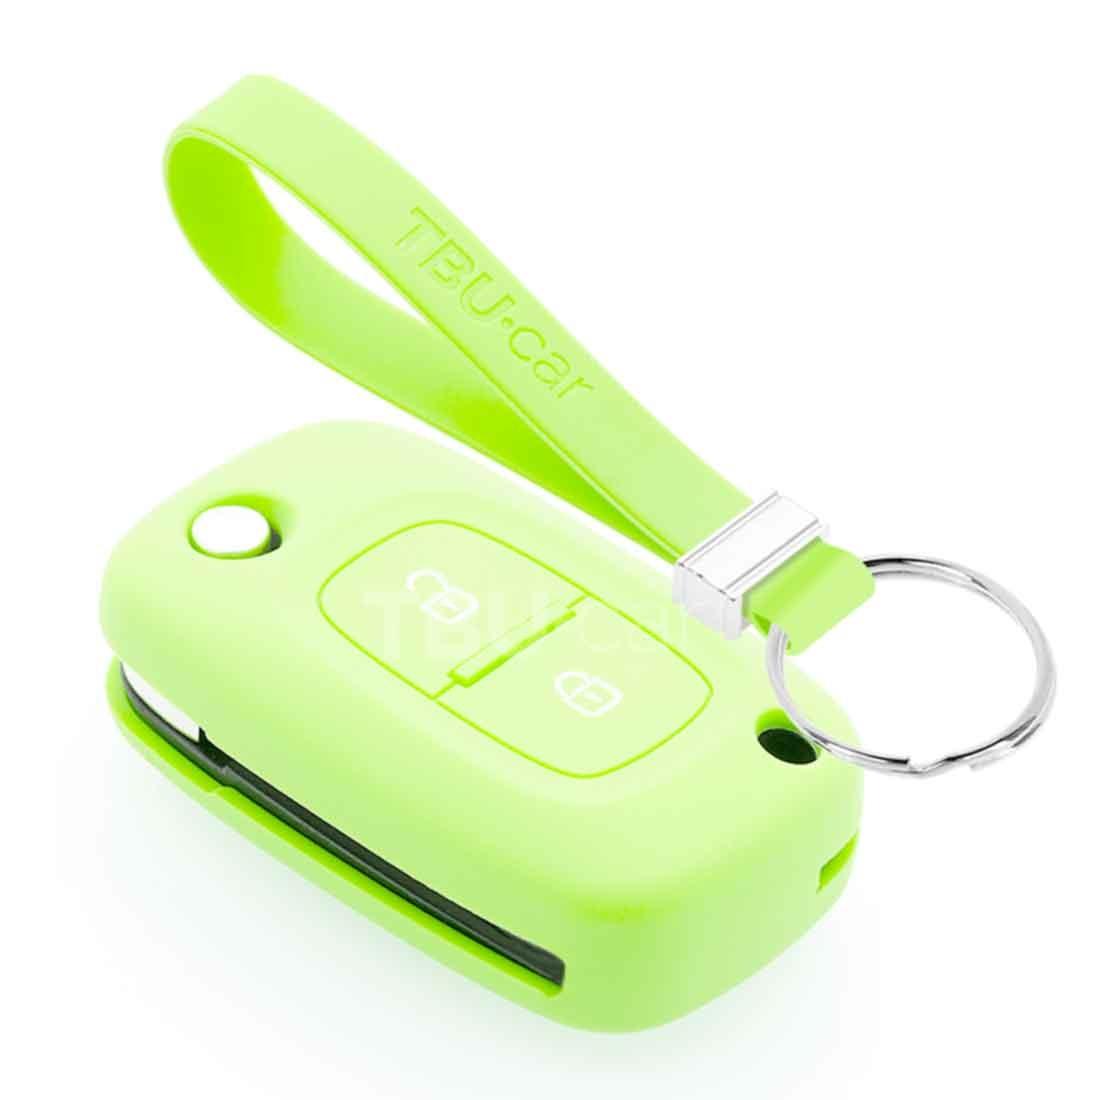 TBU car TBU car Autoschlüssel Hülle kompatibel mit Mercedes 2 Tasten - Schutzhülle aus Silikon - Auto Schlüsselhülle Cover in Im Dunkeln leuchten